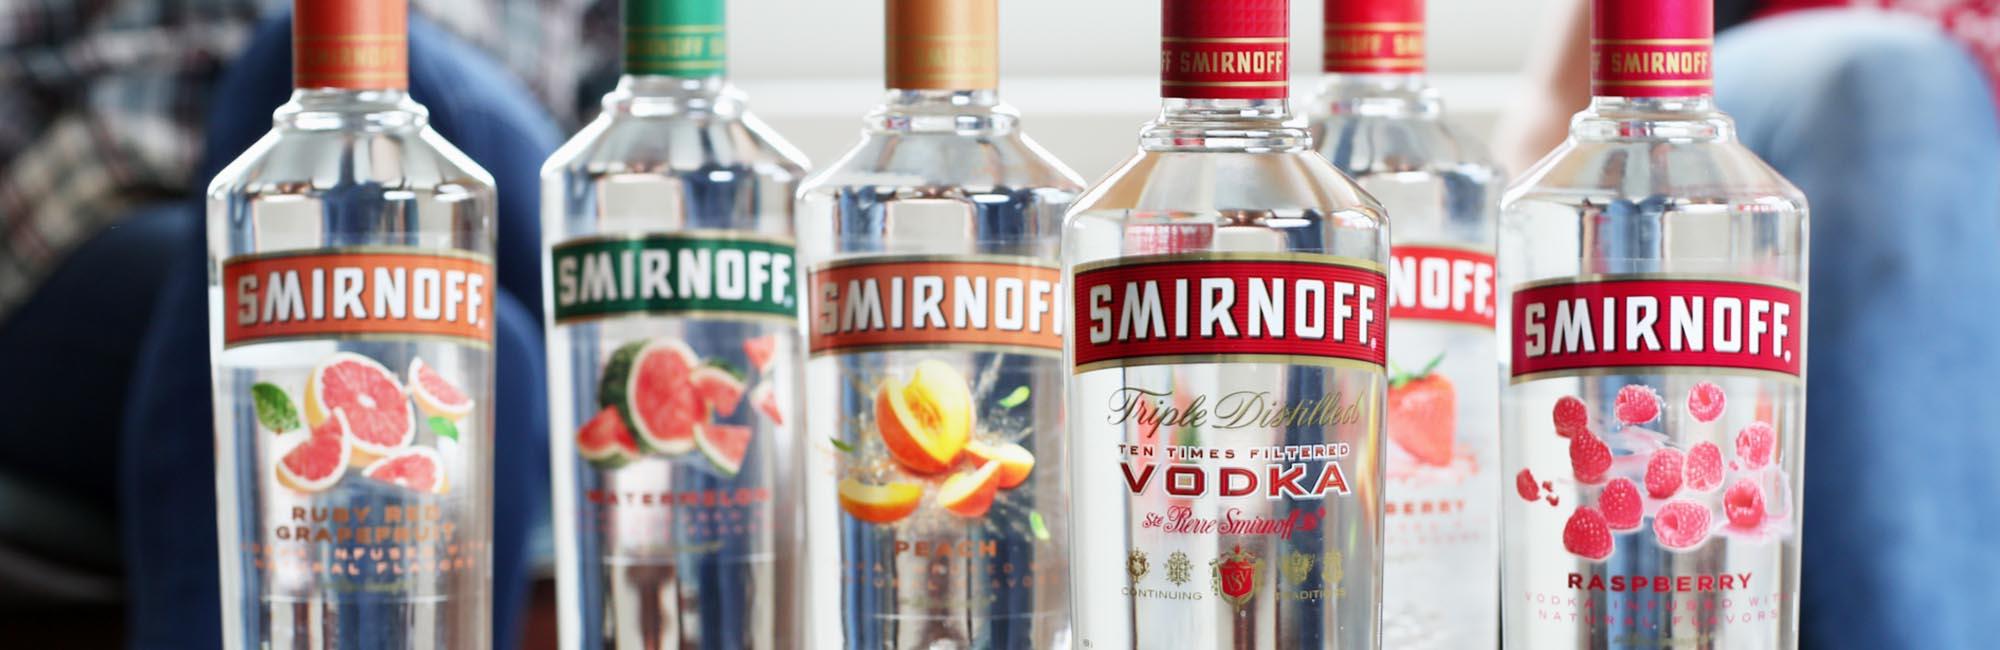 Smirnoff vodka baltimore